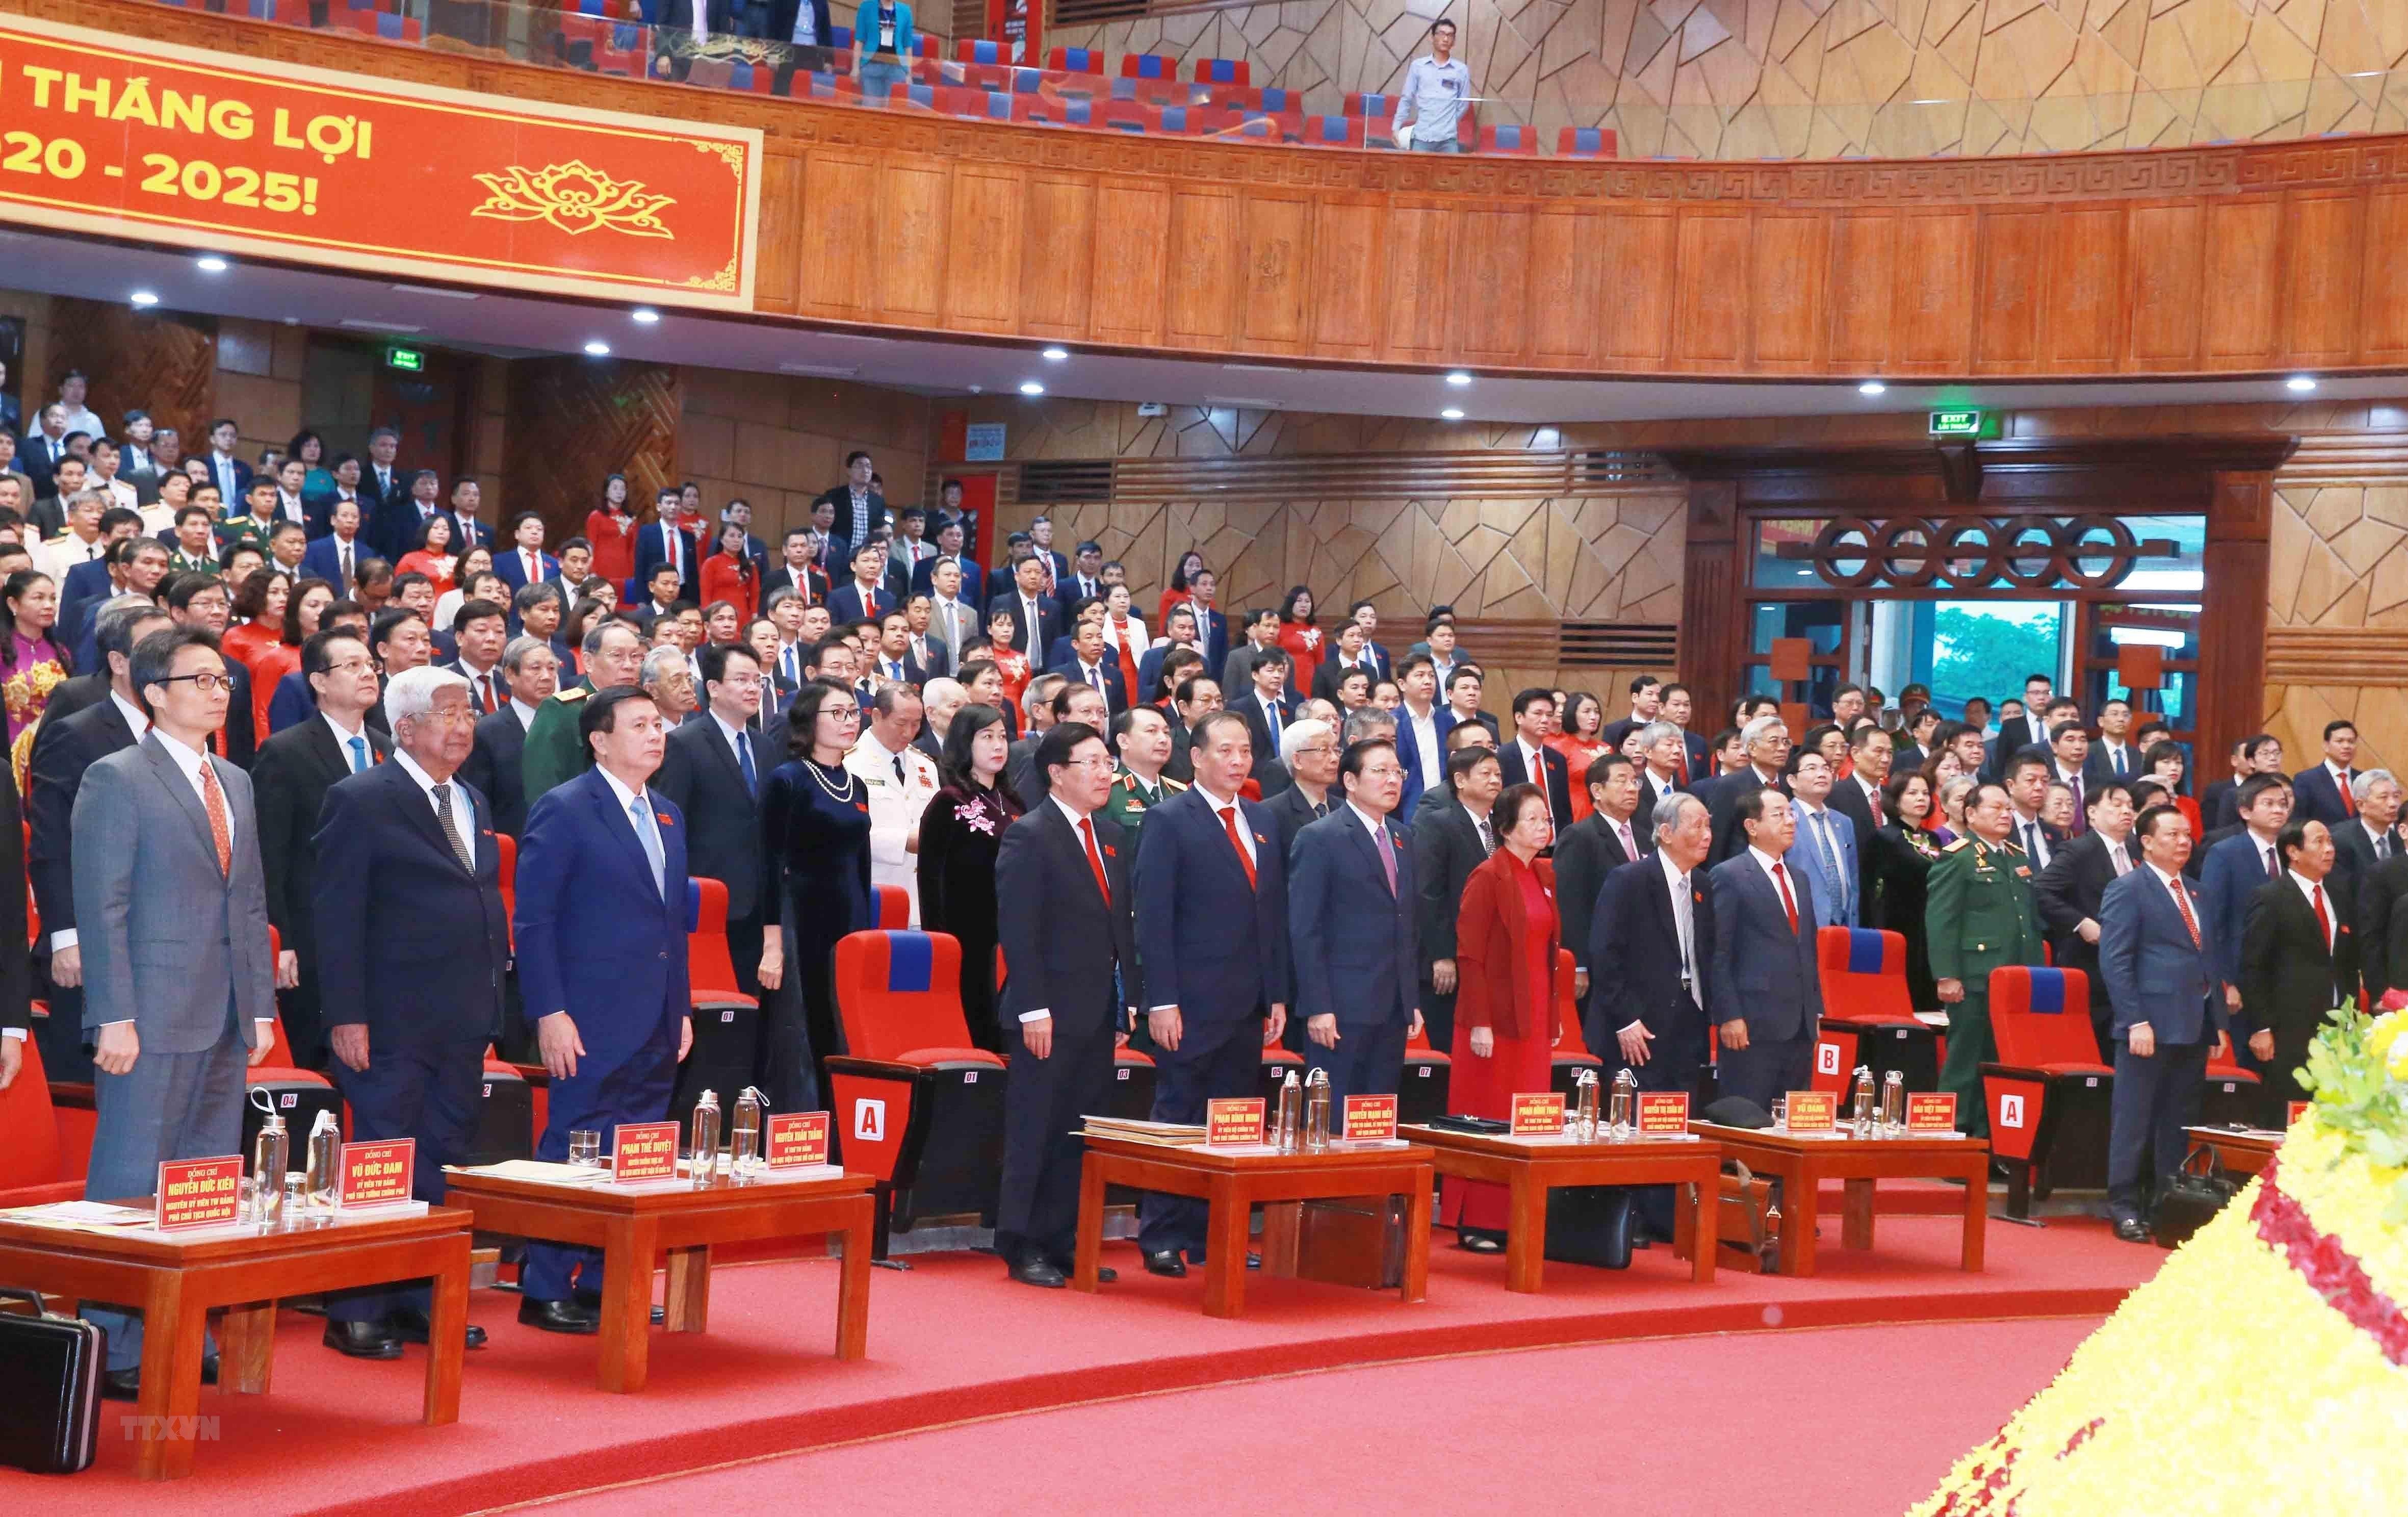 [Photo] Dai hoi dai bieu Dang bo tinh Hai Duong lan thu XVII hinh anh 5